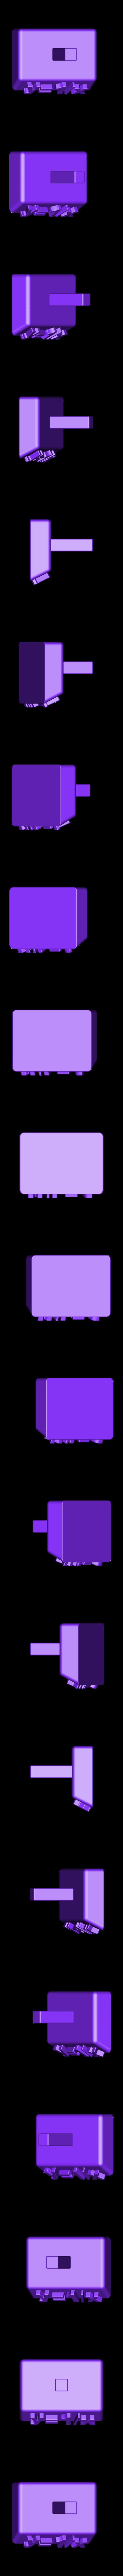 Function_Stickman_y1Ix_bottom.stl Télécharger fichier STL gratuit Dancing Function Stickmen • Plan pour impression 3D, Chrisibub